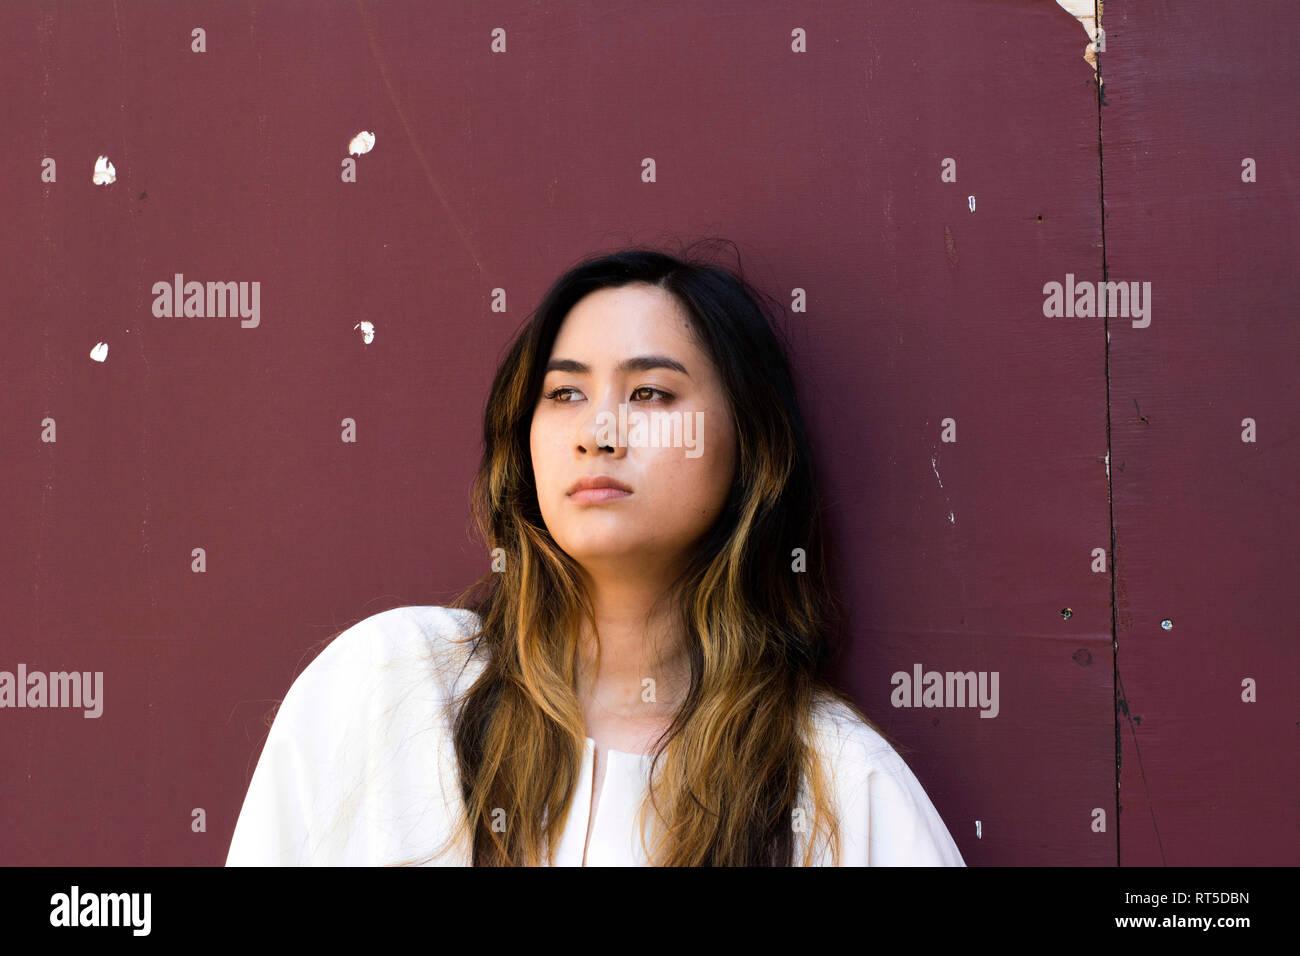 Retrato de mujer joven serio mirando a distancia Foto de stock